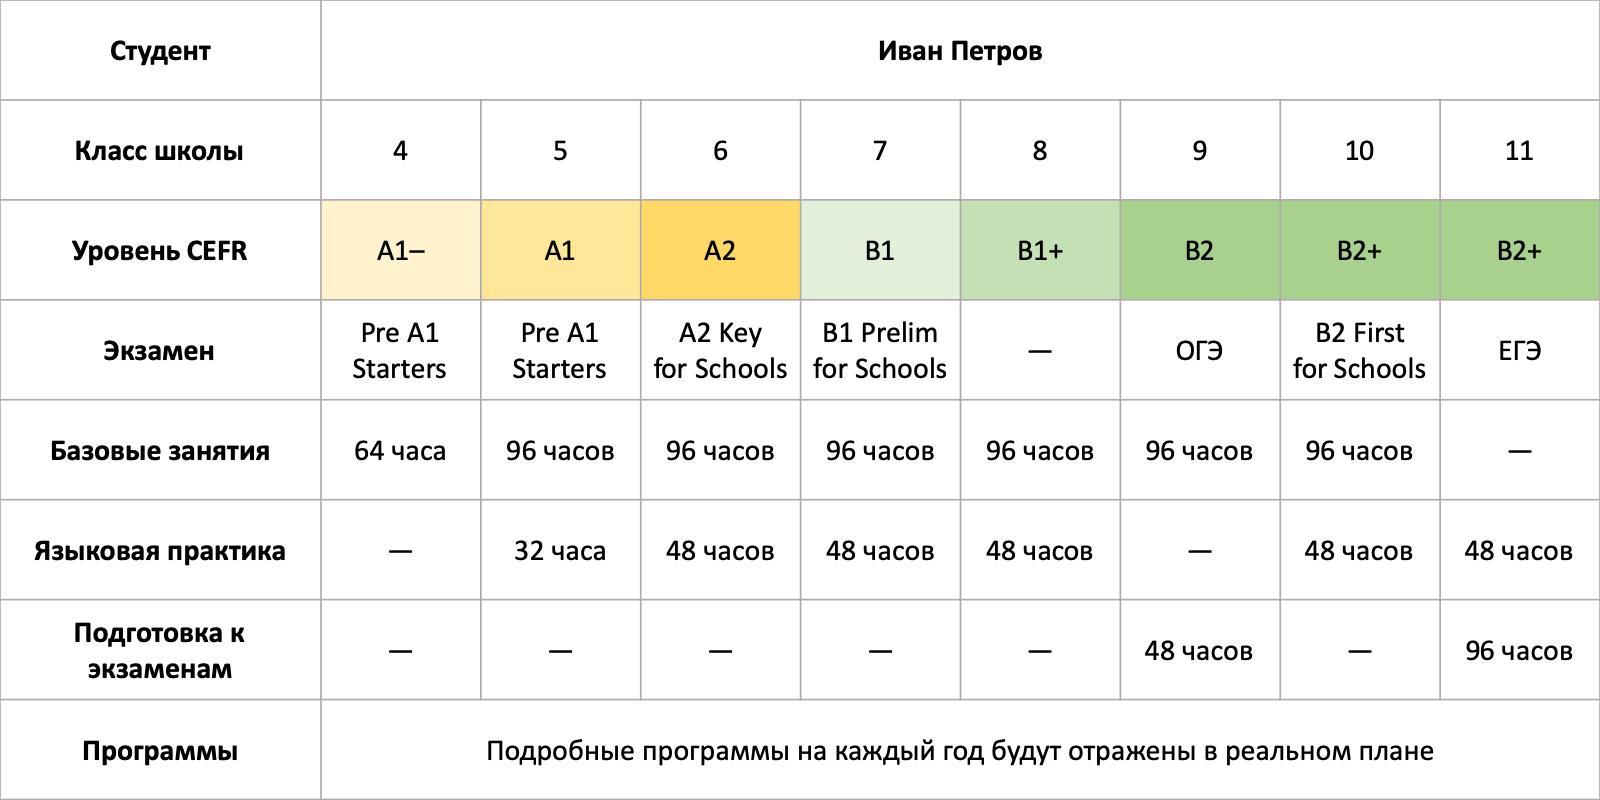 Пример индивидуального плана обучения